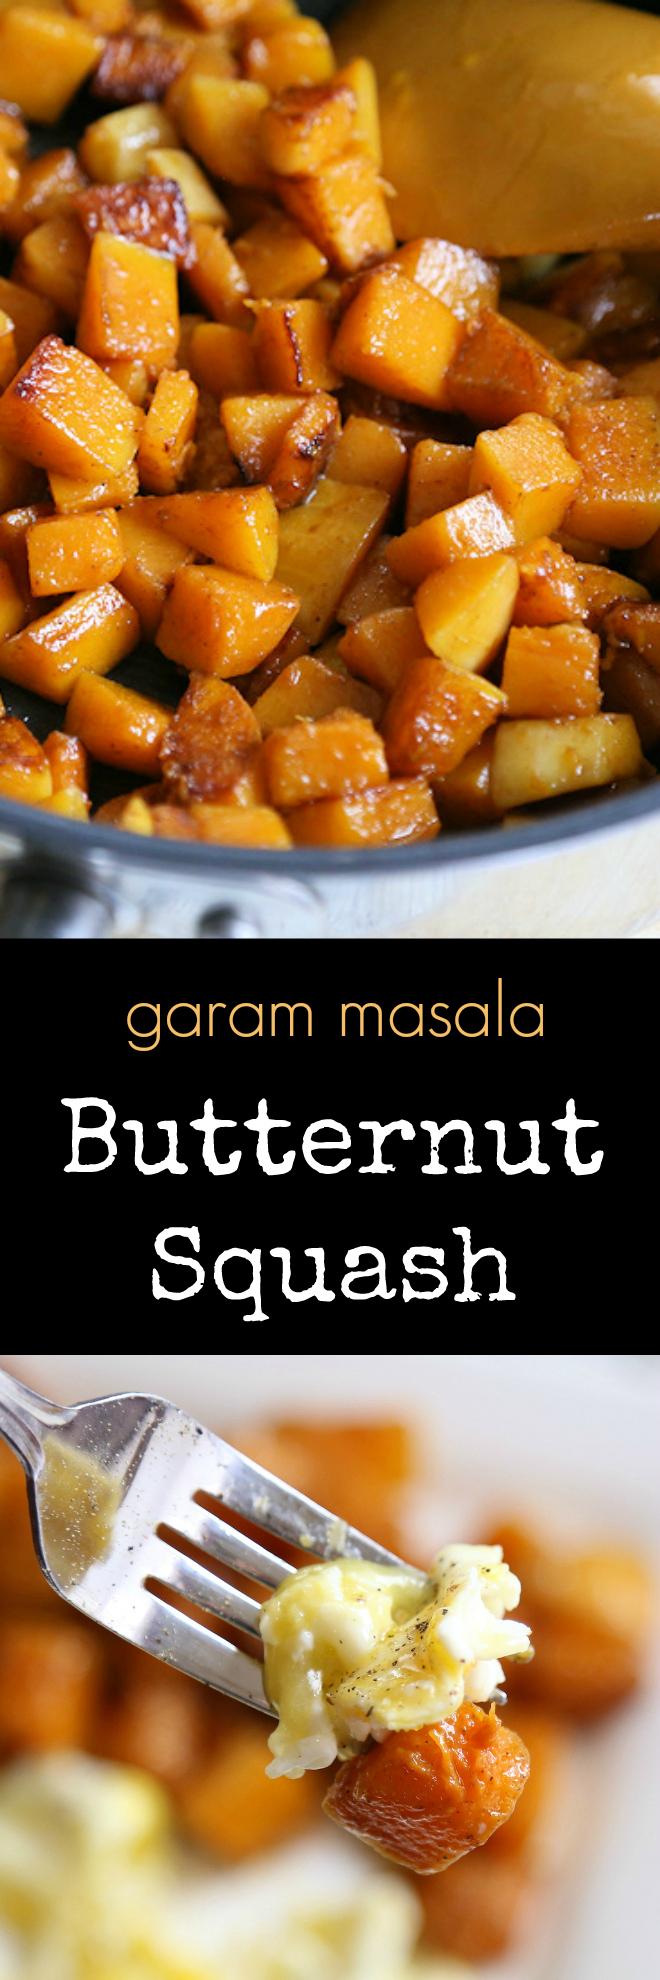 garam masala butternut squash recipe